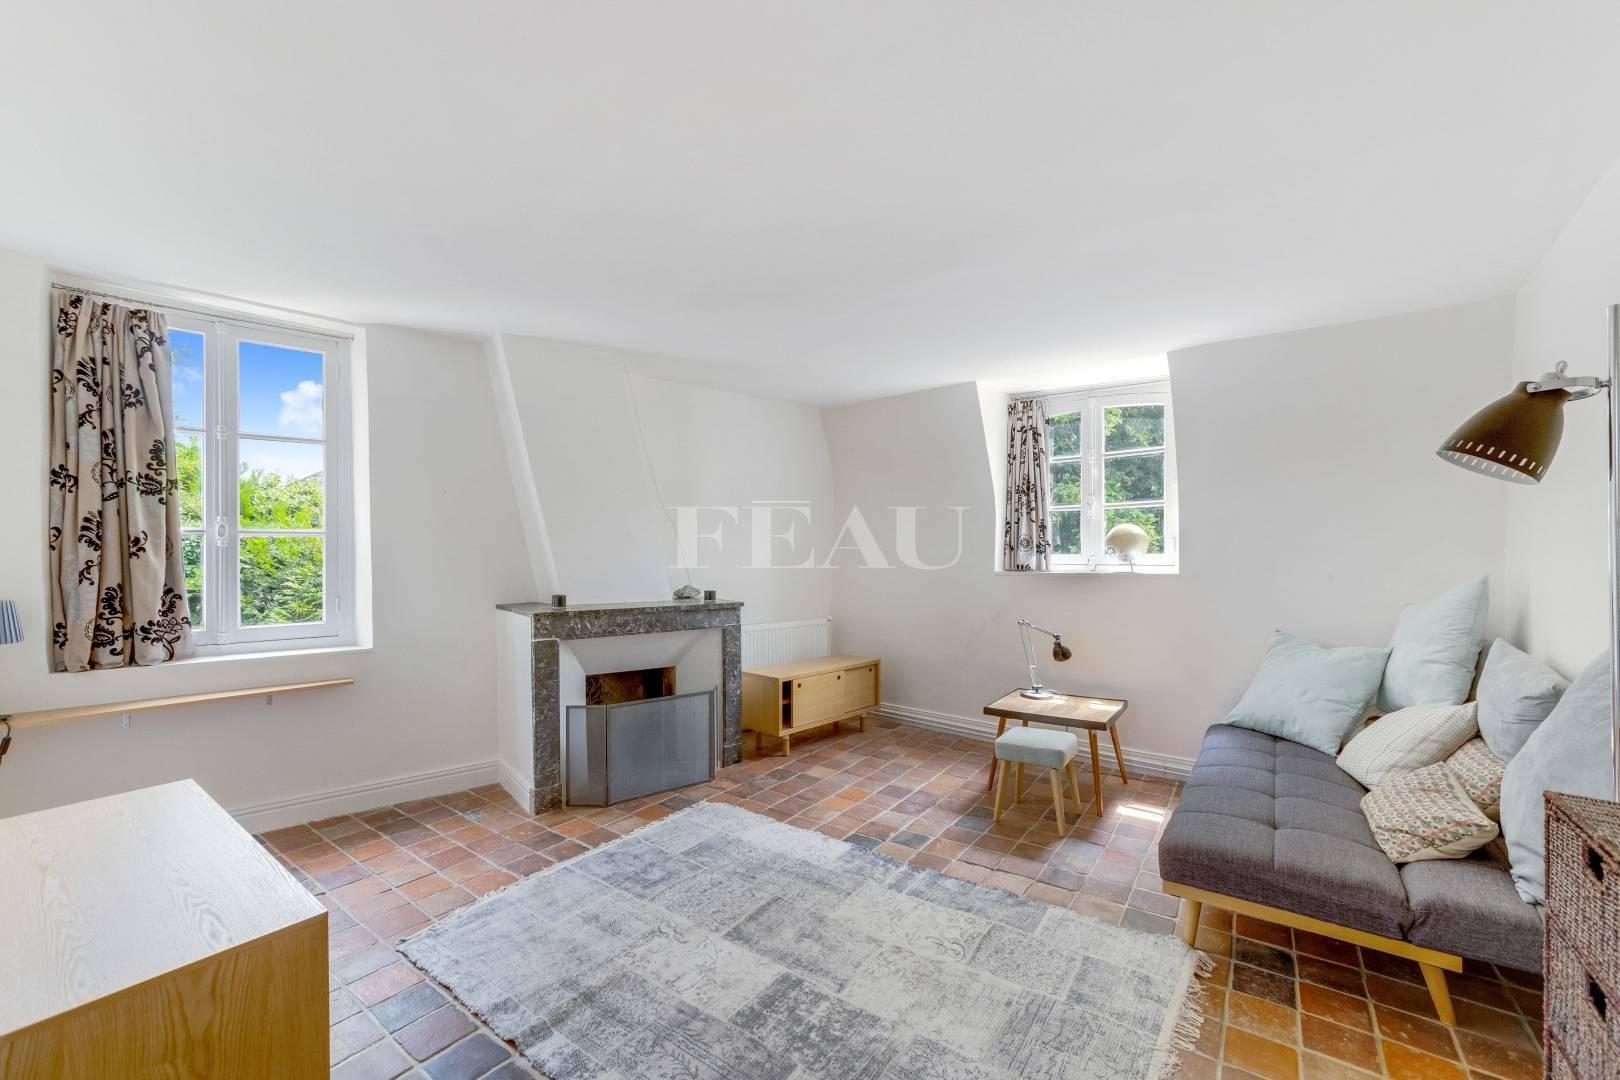 Achat propriété, Chambourcy, 14 pièces, 471 m², ref 3770109